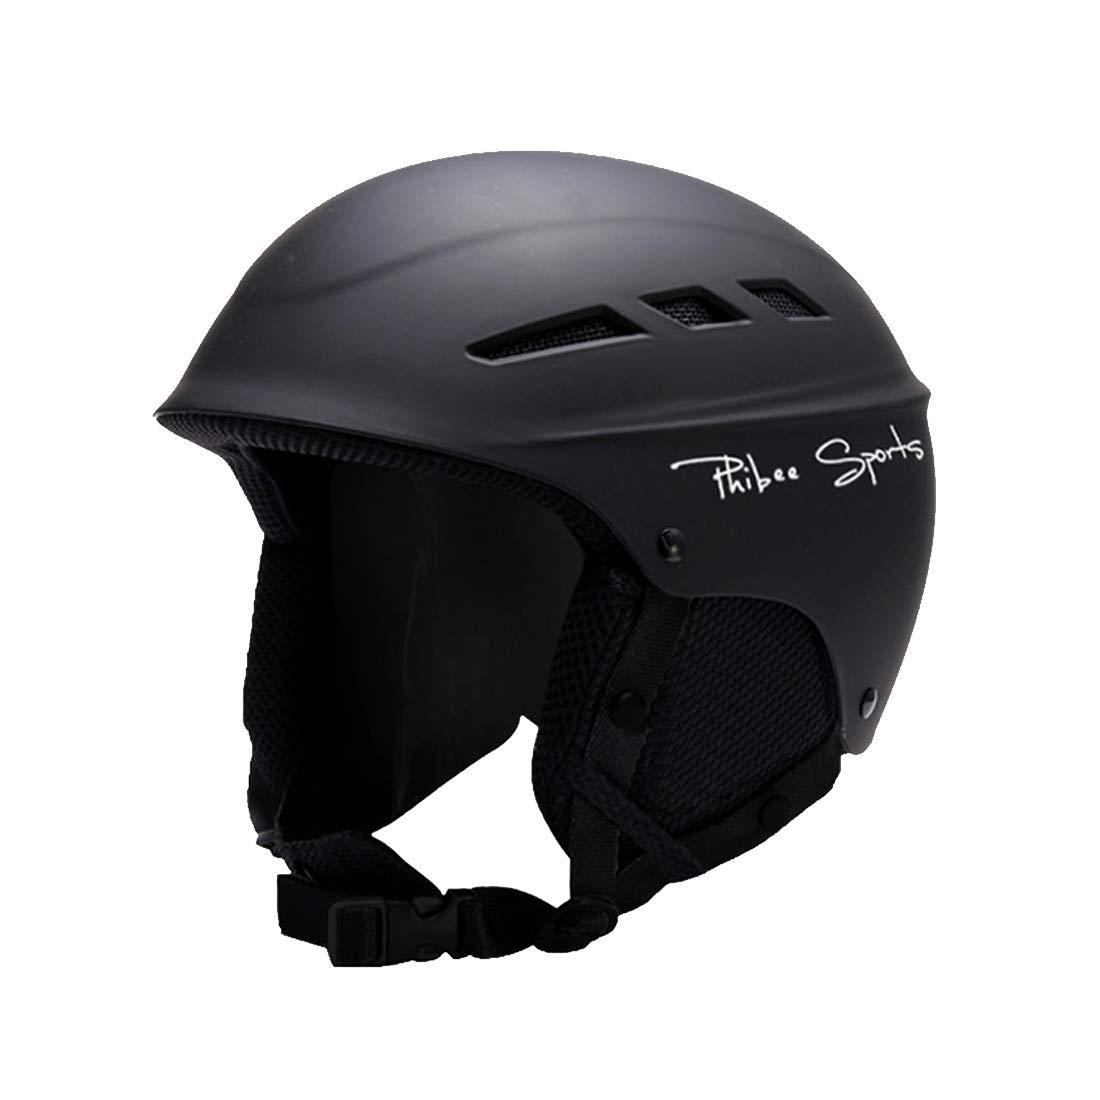 DSLSM 56-60cmにフィット、サイズ:M、専用およびデュプレックスプレートスキー保護用ヘルメット8通気孔PCシェル調節可能バックル親子保護用ヘルメット   B07PZ4839S